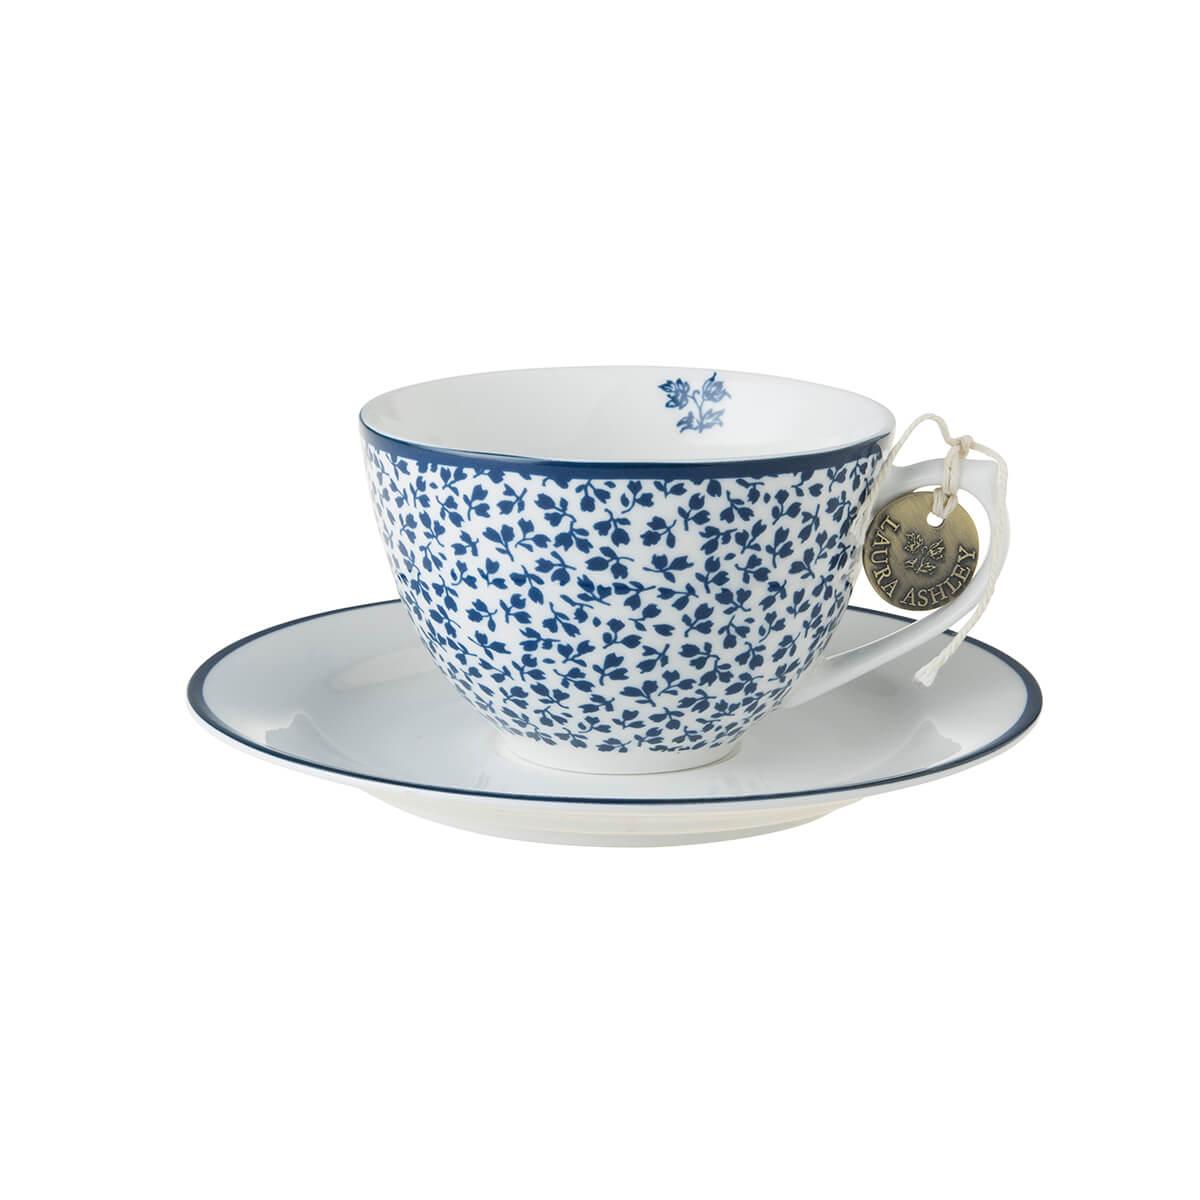 Онлайн каталог PROMENU: Набор: чашка с блюдцем Laura Ashley BLUEPRINT, 2 предмета, белый в синий мелкий цветок Laura Ashley 178676